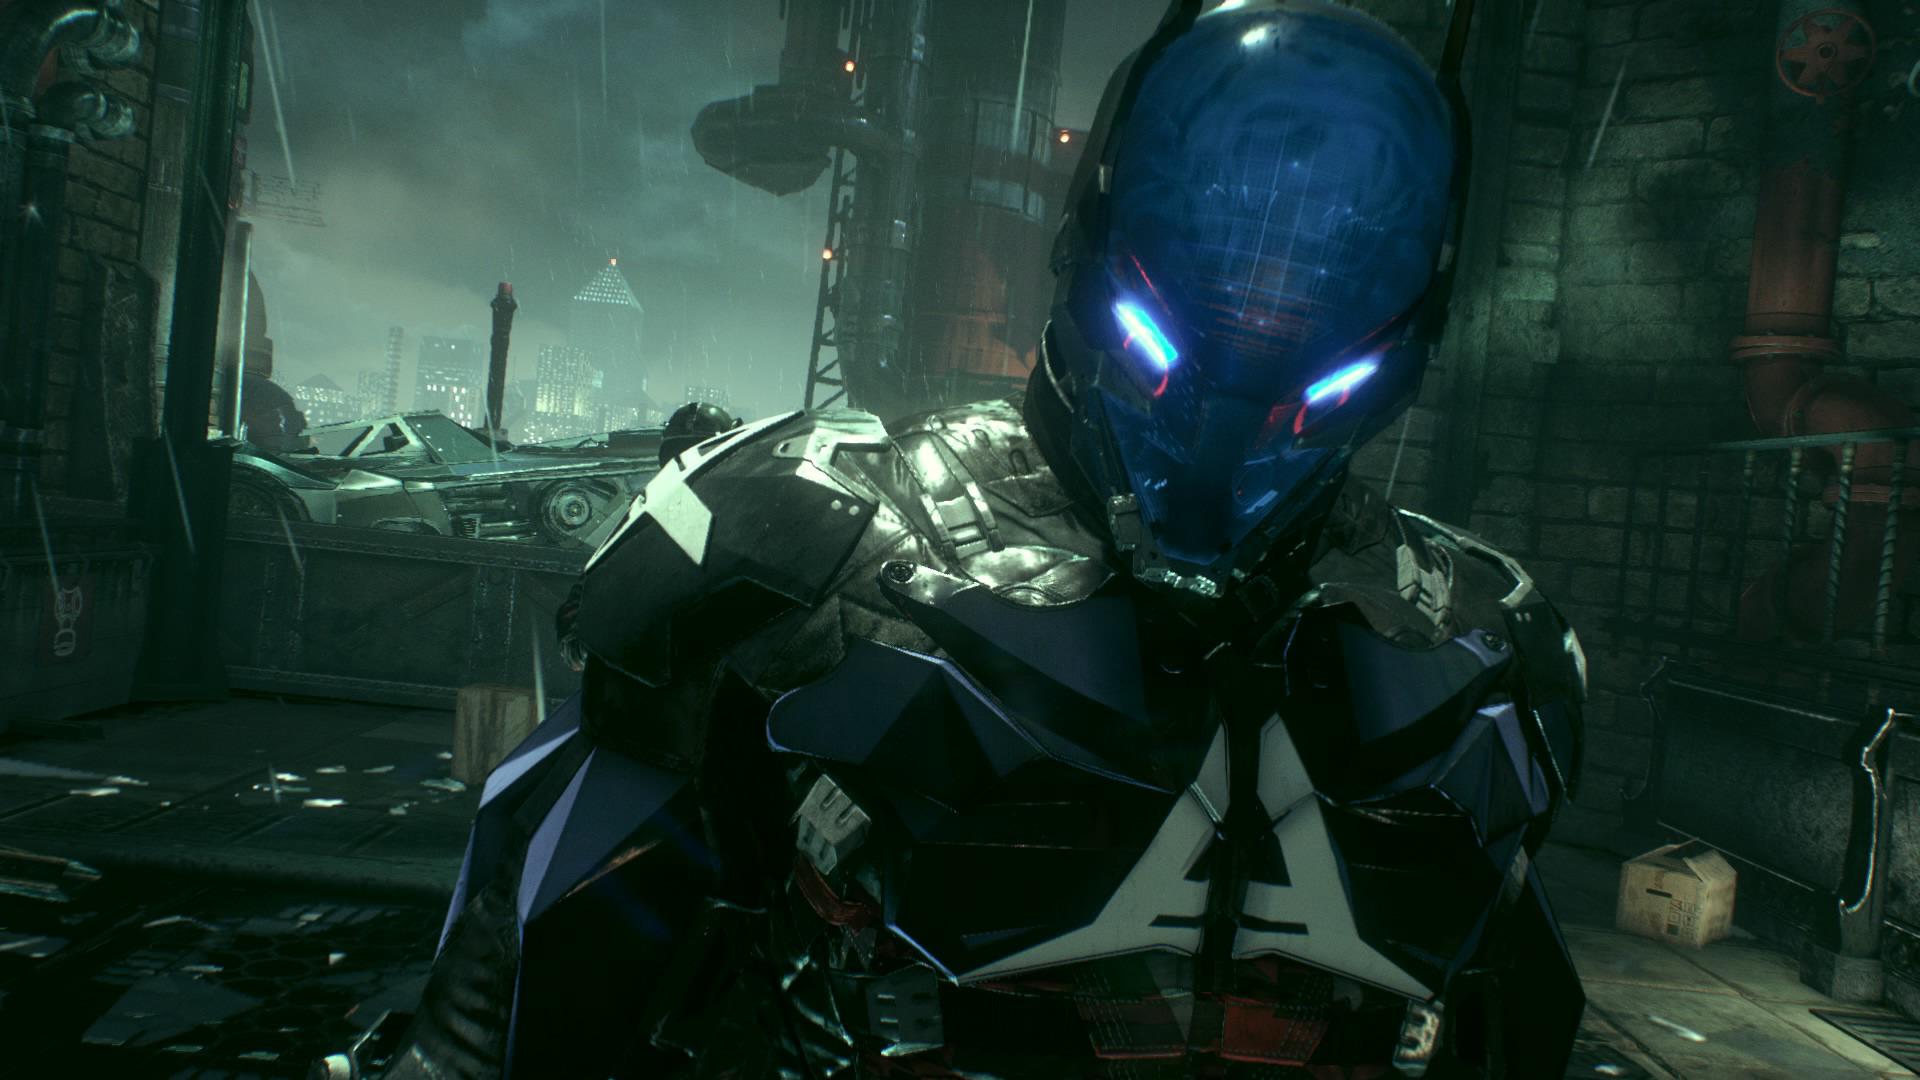 Batman Arkham Rocksteady PS4 Pro NExt Project